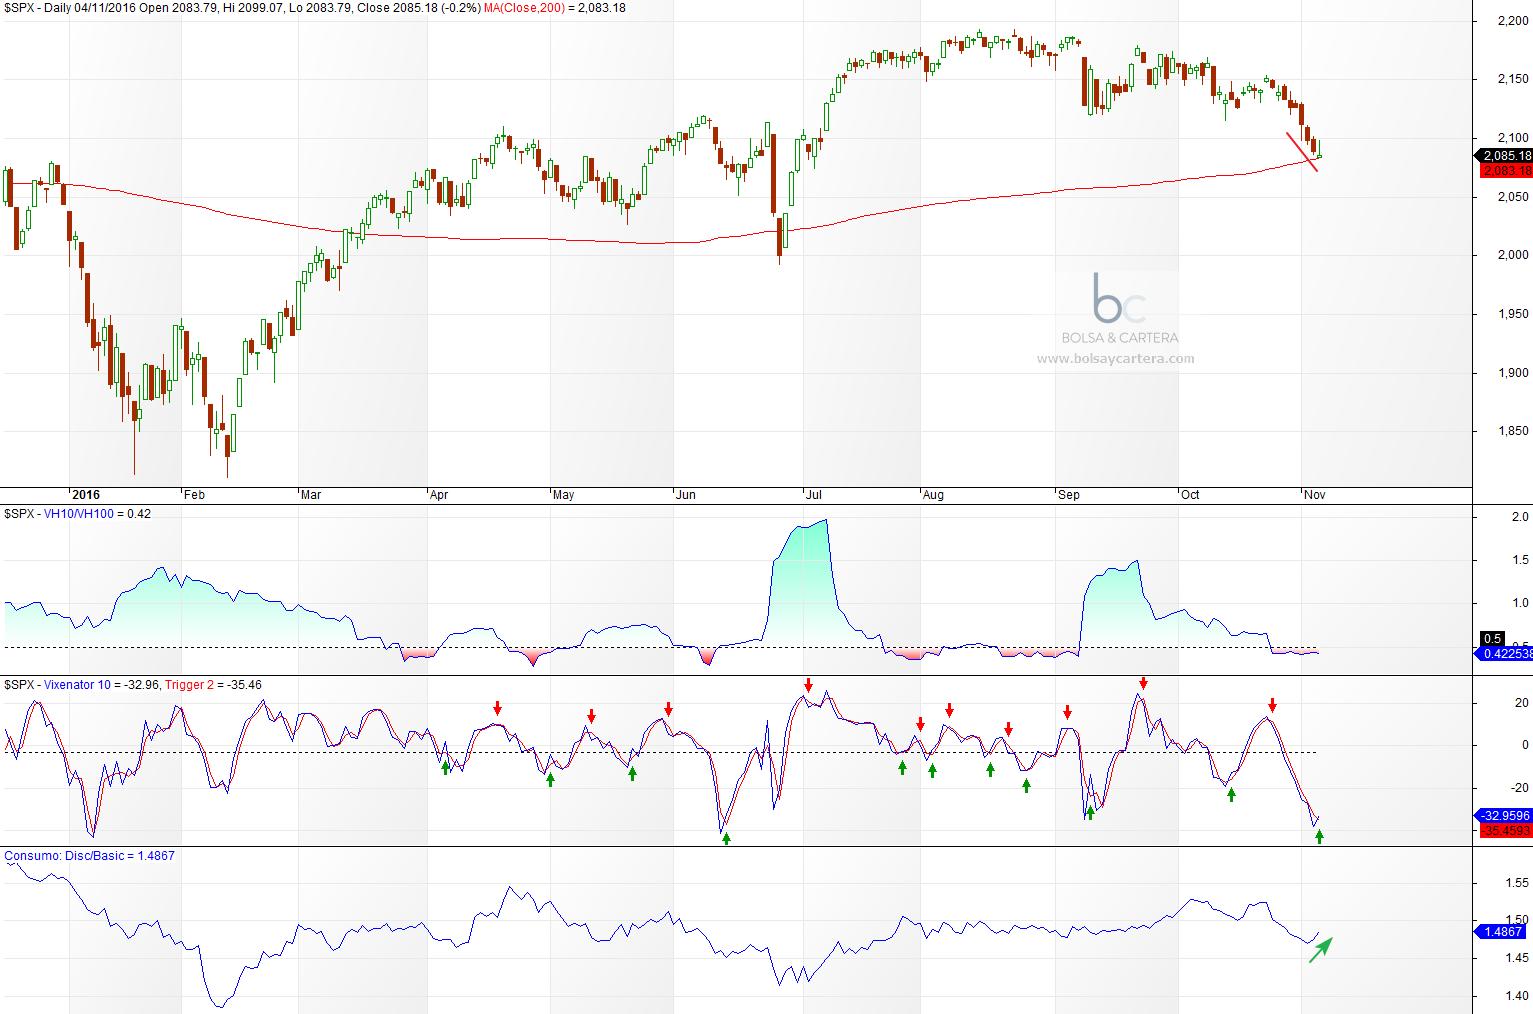 Índice SP500 con indicadores de precio y volatilidad 04/11/16